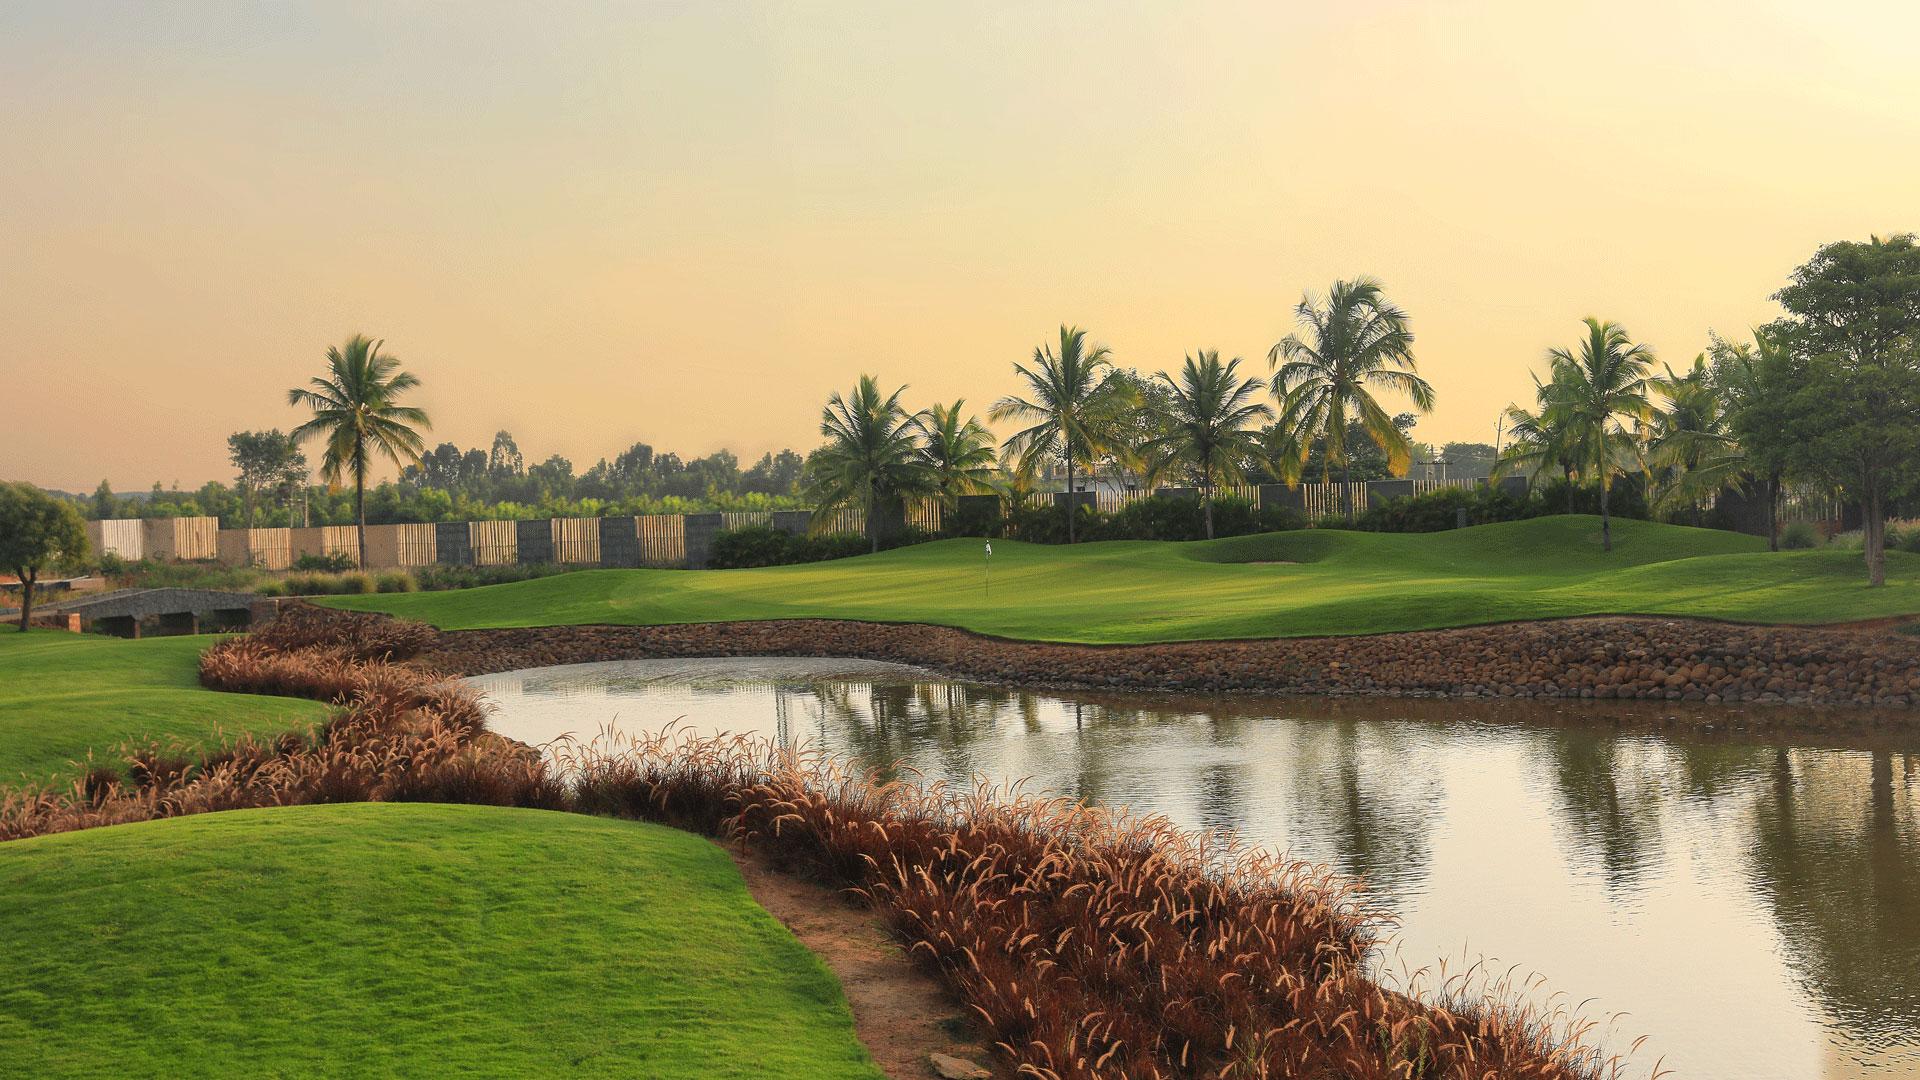 prestige-golfshire-Villas-in-Nandi hills-Bangalore-Image-02